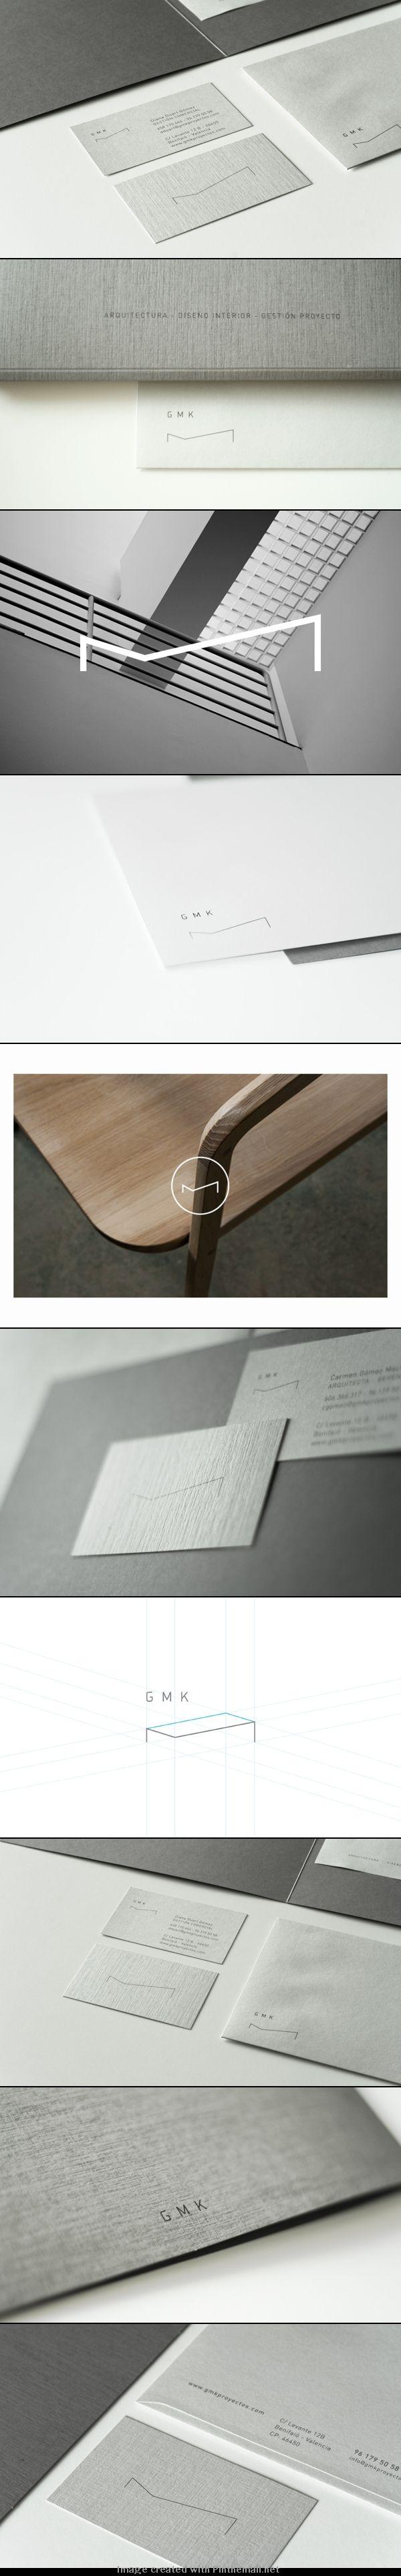 GMK Architects - Identity | Alex Monzó